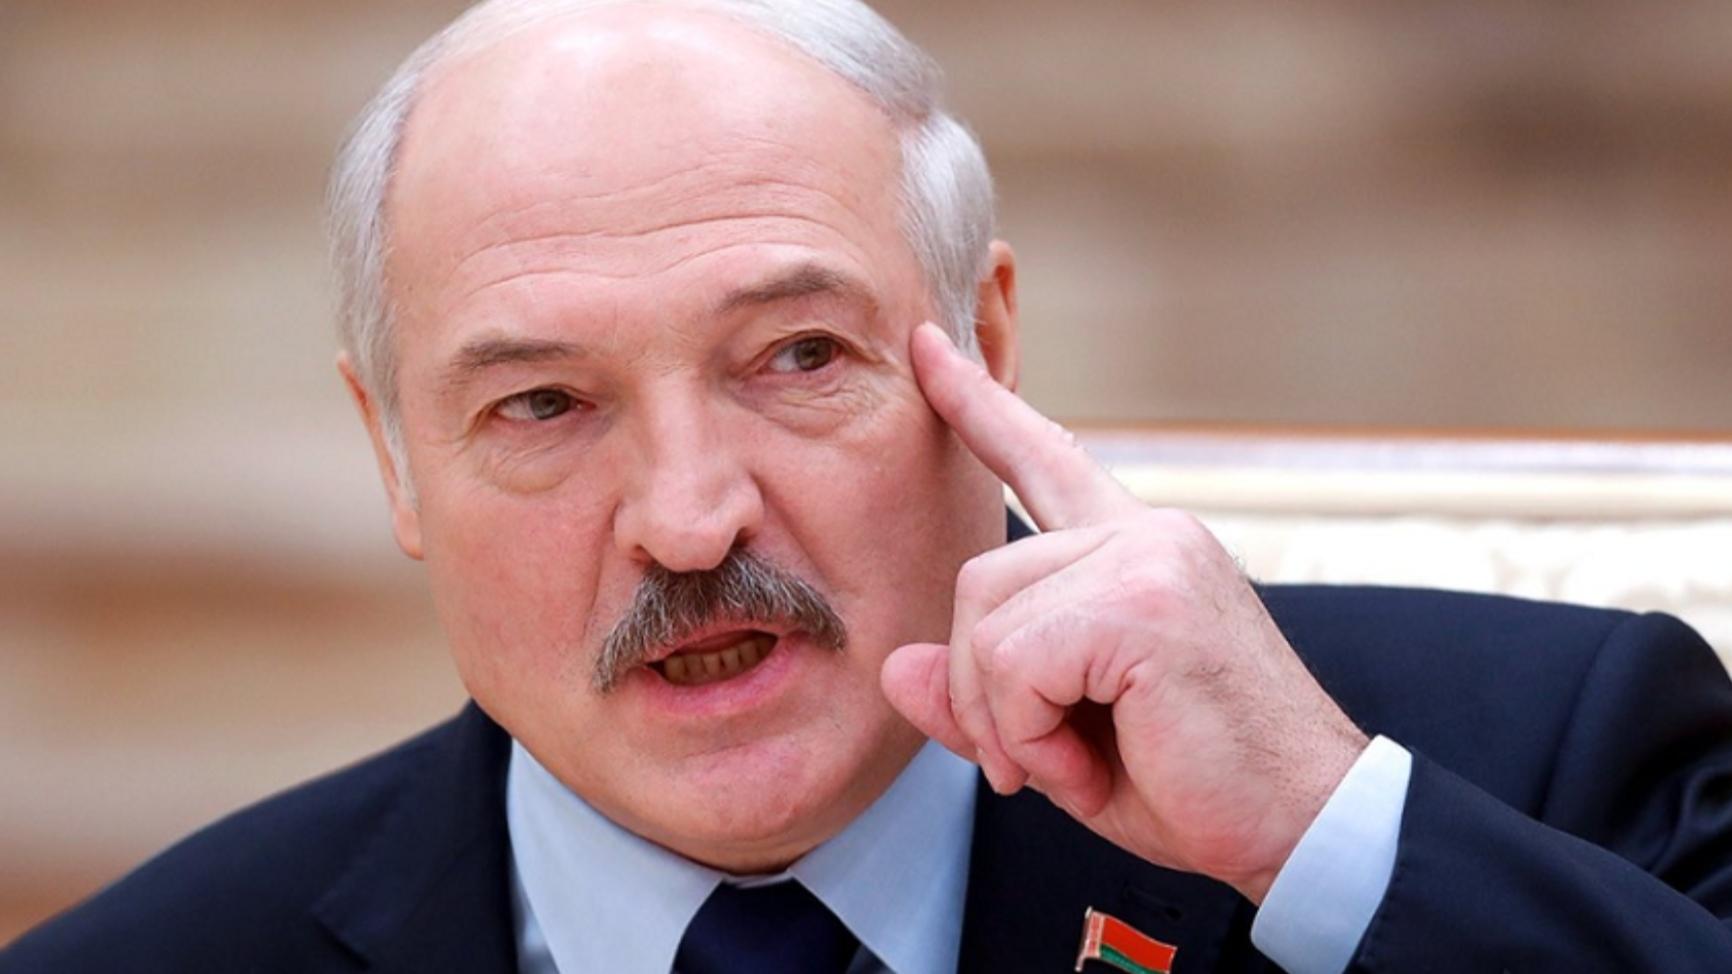 Președintele Belarus refuză să introducă carantina și spune că vodka și saunele vor elimina COVID-19